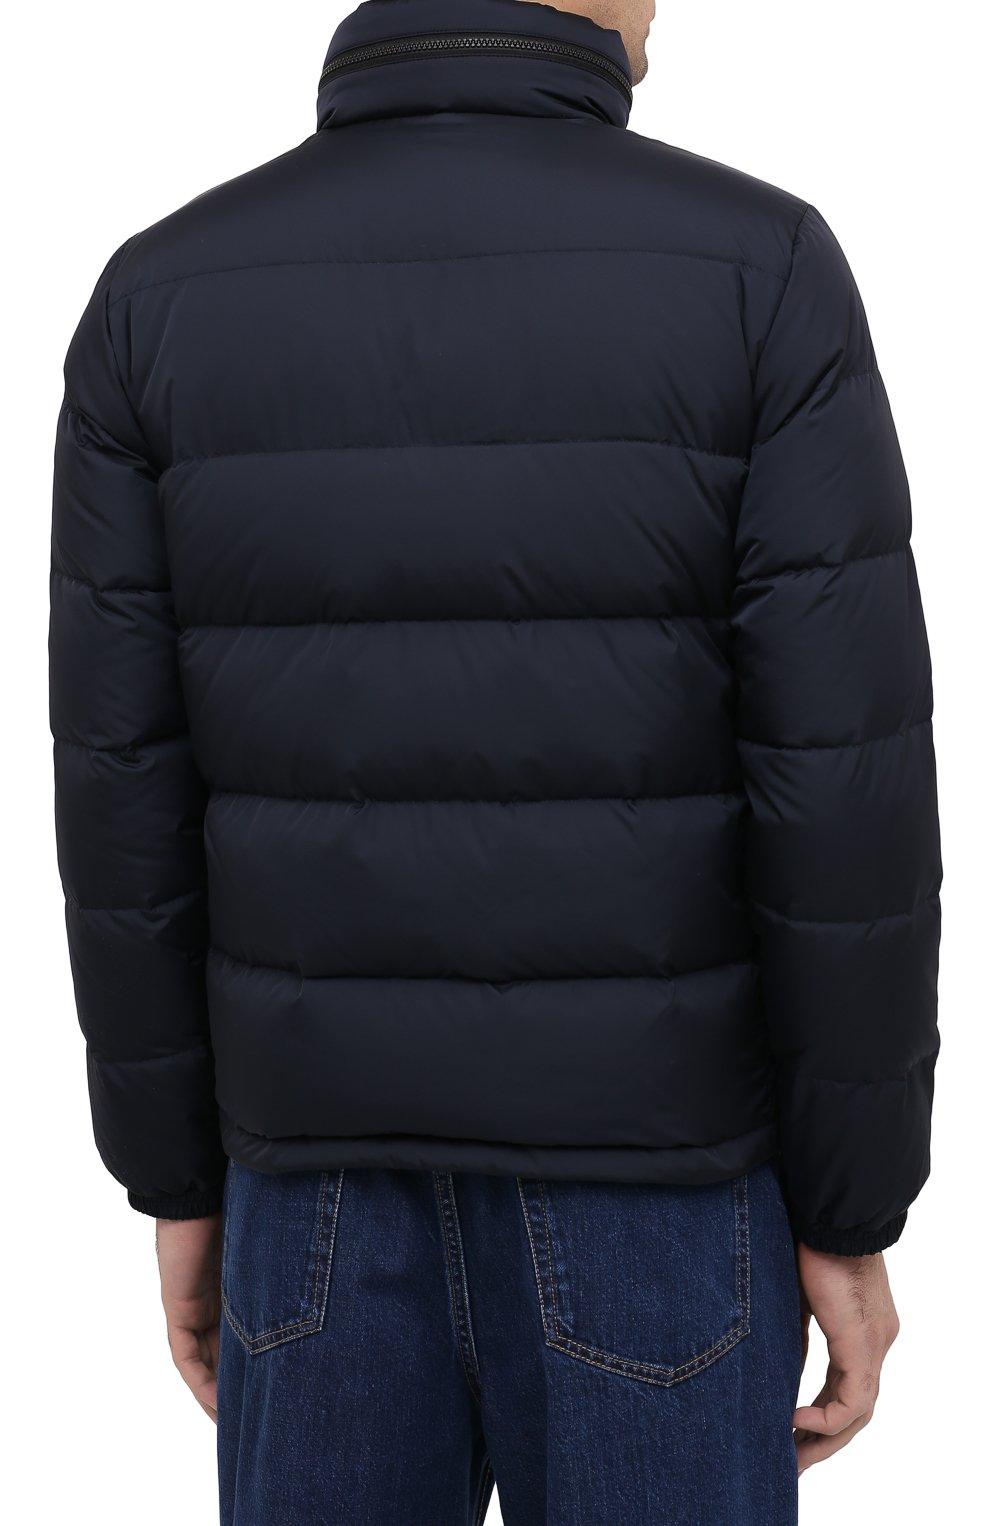 Мужская пуховая куртка ASPESI темно-синего цвета, арт. W0 I I018 7954 | Фото 4 (Кросс-КТ: Куртка, Пуховик; Мужское Кросс-КТ: пуховик-короткий, Пуховик-верхняя одежда, Верхняя одежда; Рукава: Длинные; Материал внешний: Синтетический материал; Материал подклада: Синтетический материал; Длина (верхняя одежда): Короткие; Стили: Кэжуэл)